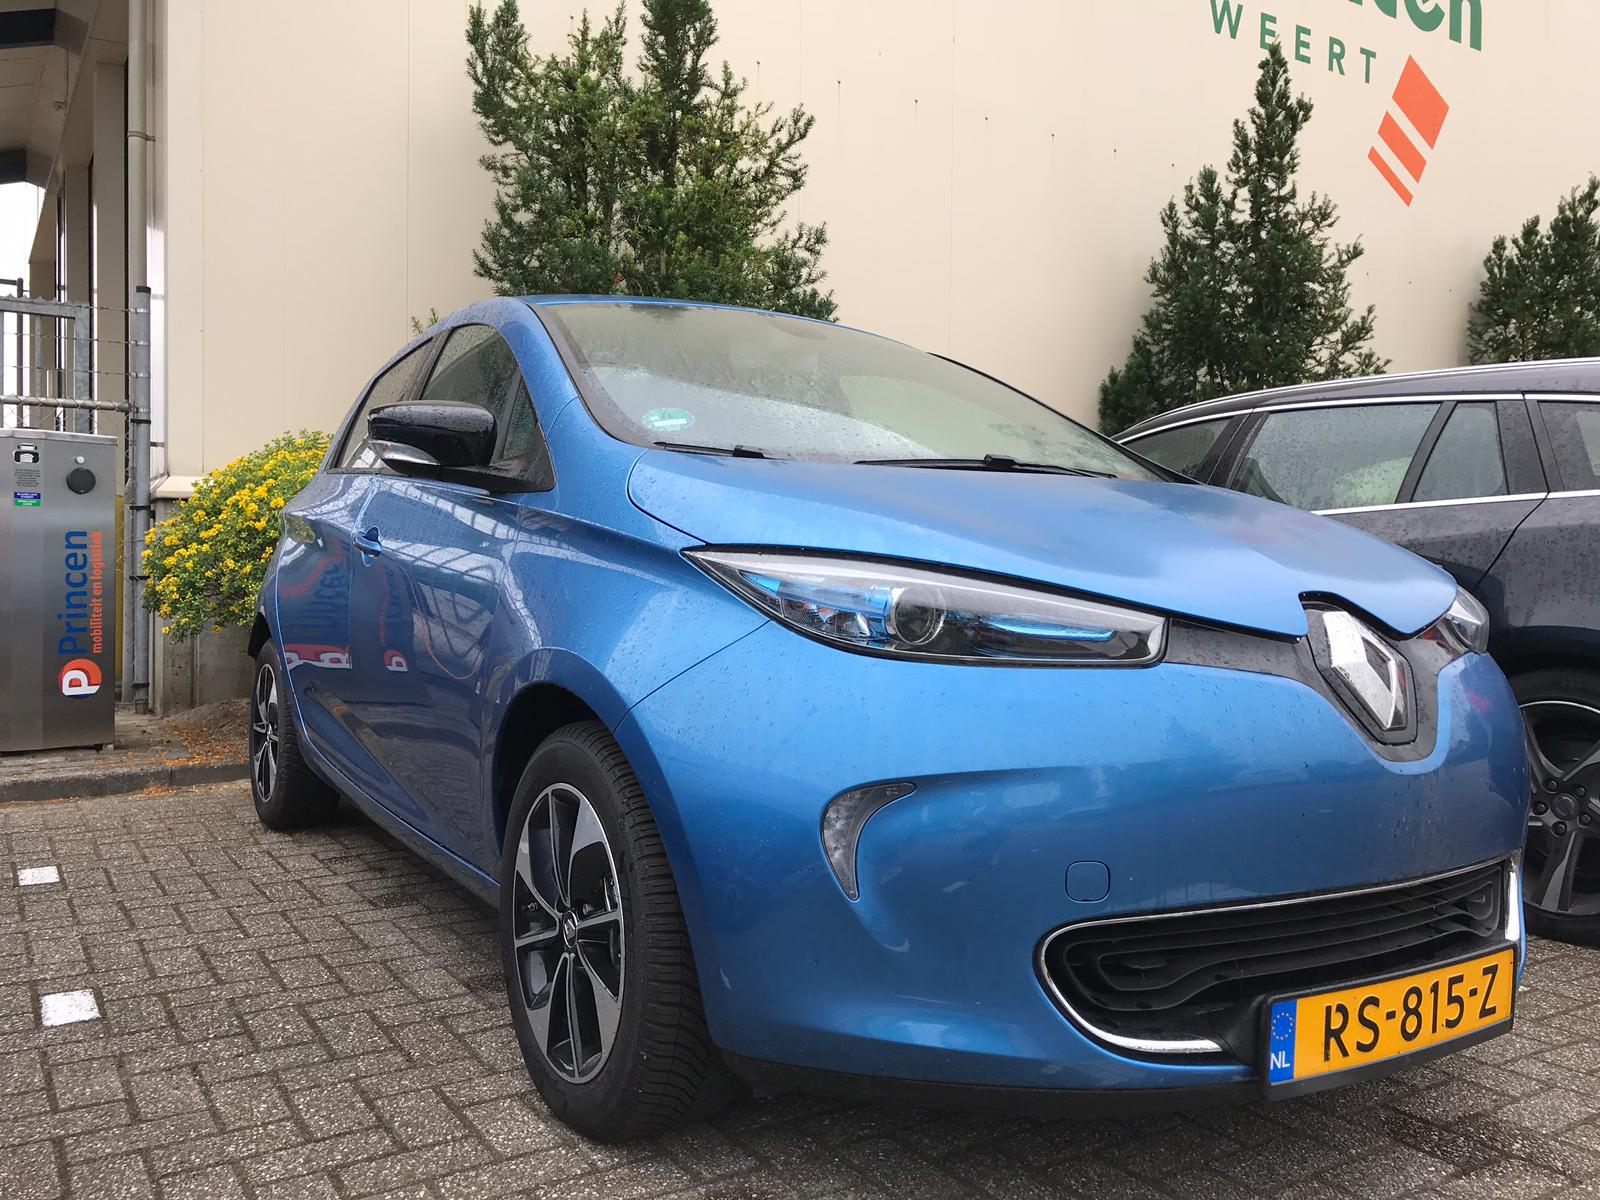 Primeur voor Limburg: eerste elektrische deelauto in Weert